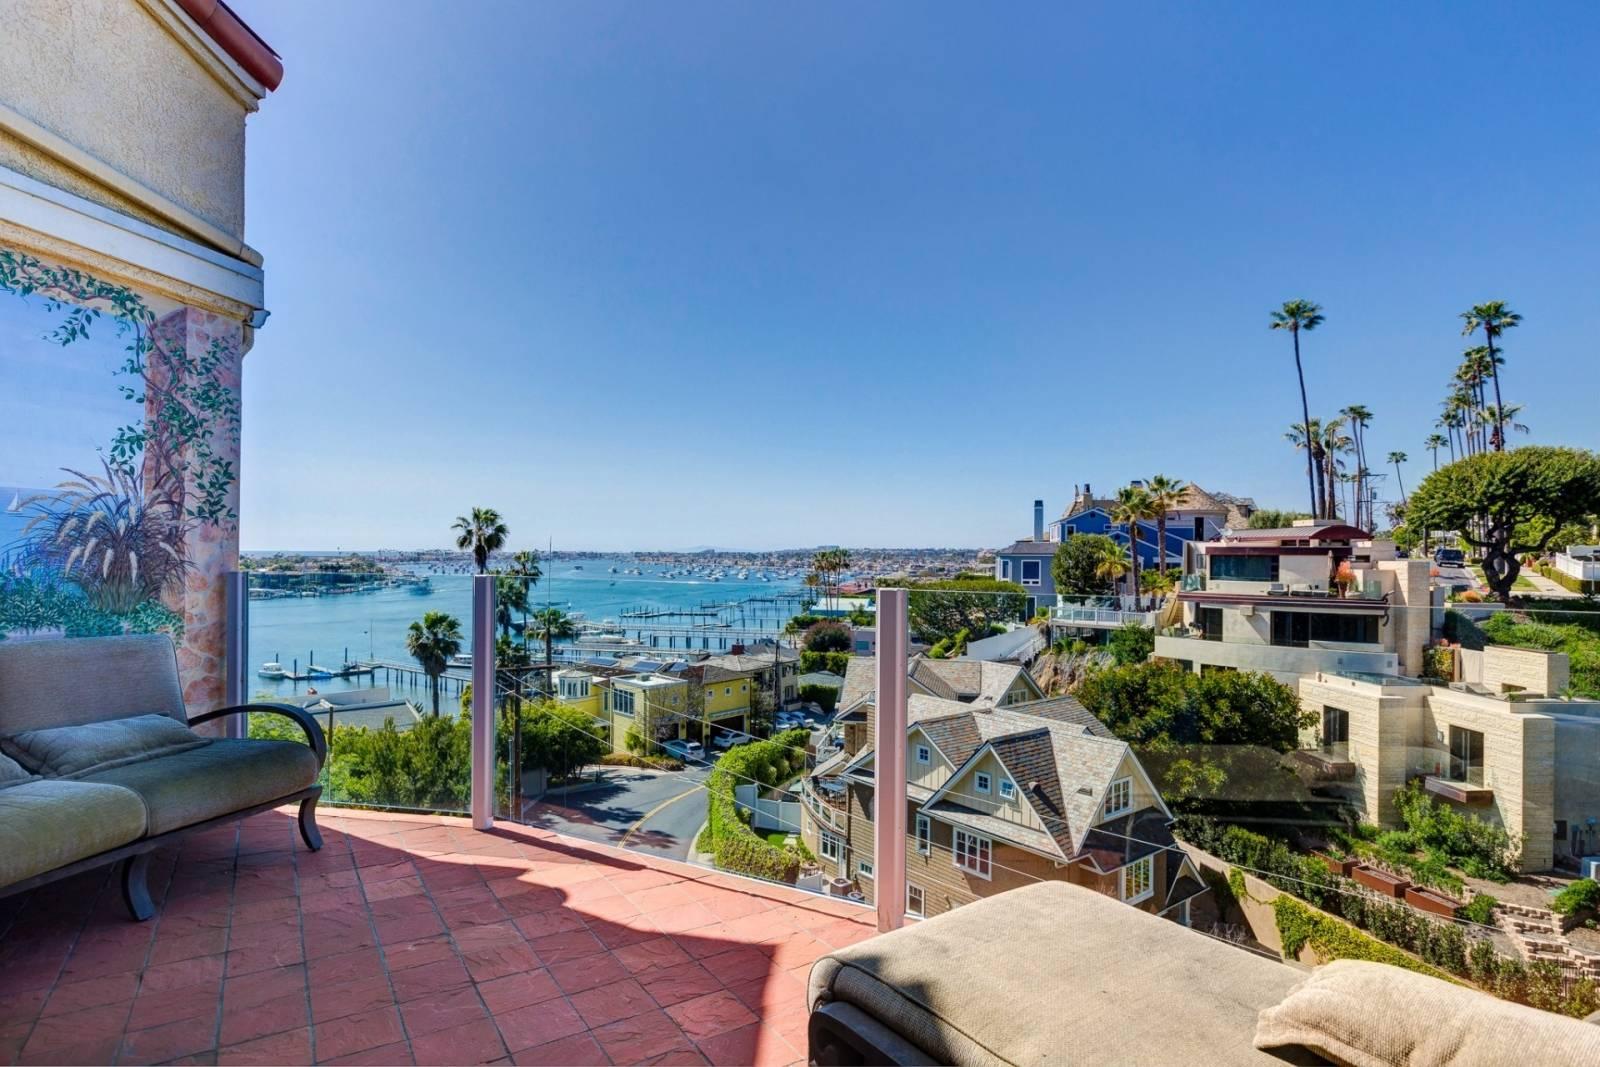 Corona del Mar Vacation Rental | Panoramic Harbor and Ocean Views ...